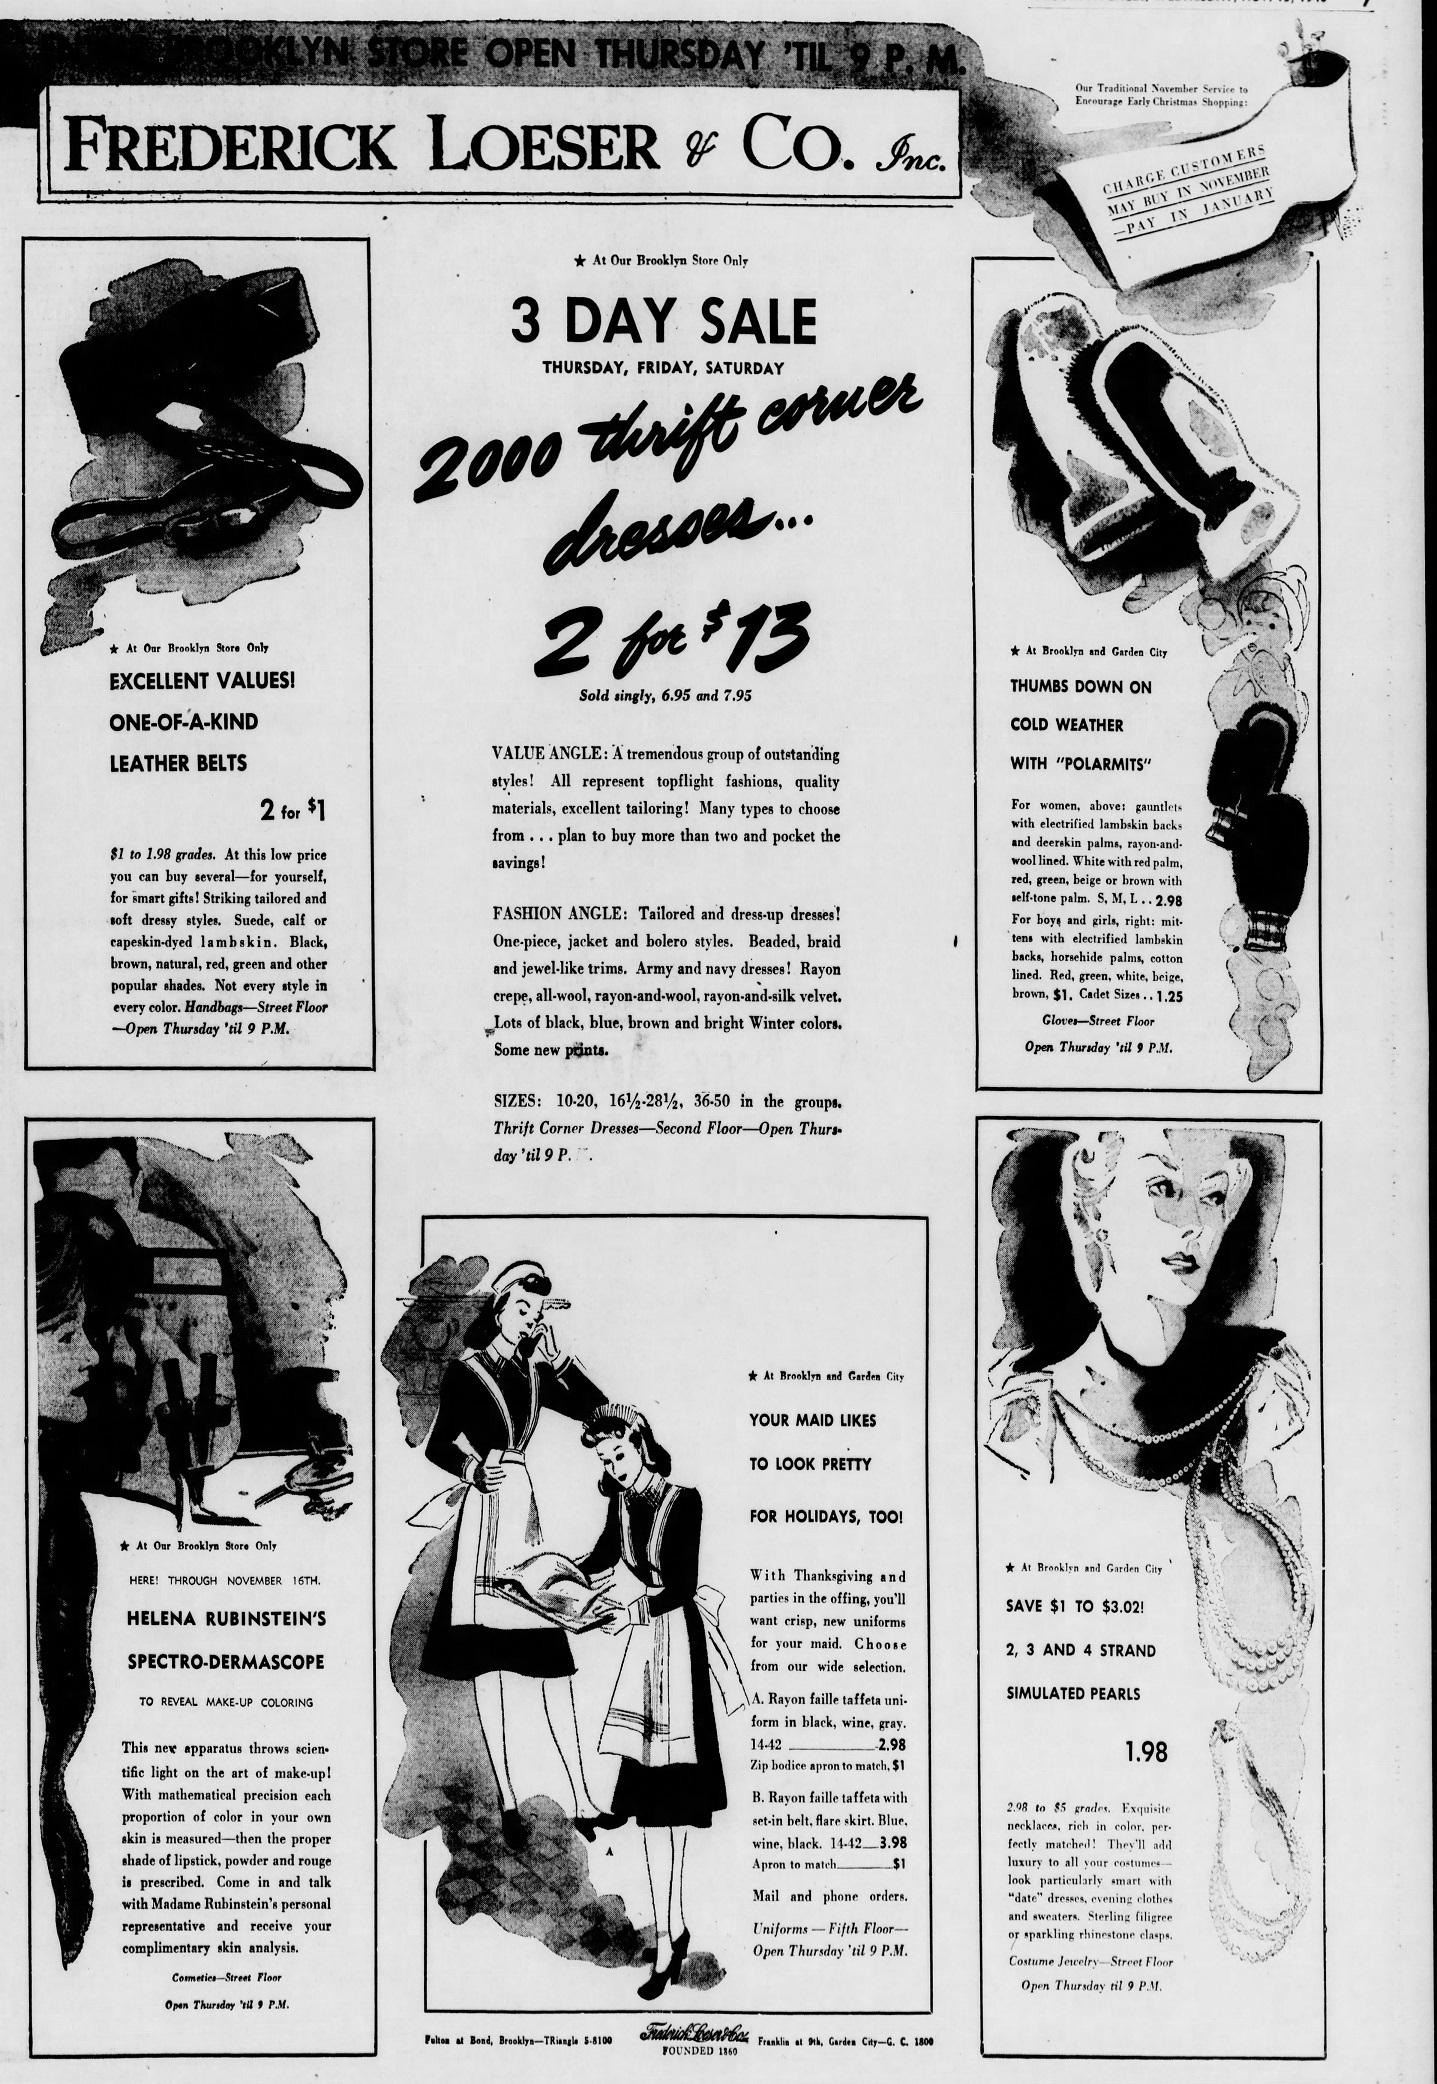 The_Brooklyn_Daily_Eagle_Wed__Nov_13__1940_(1).jpg